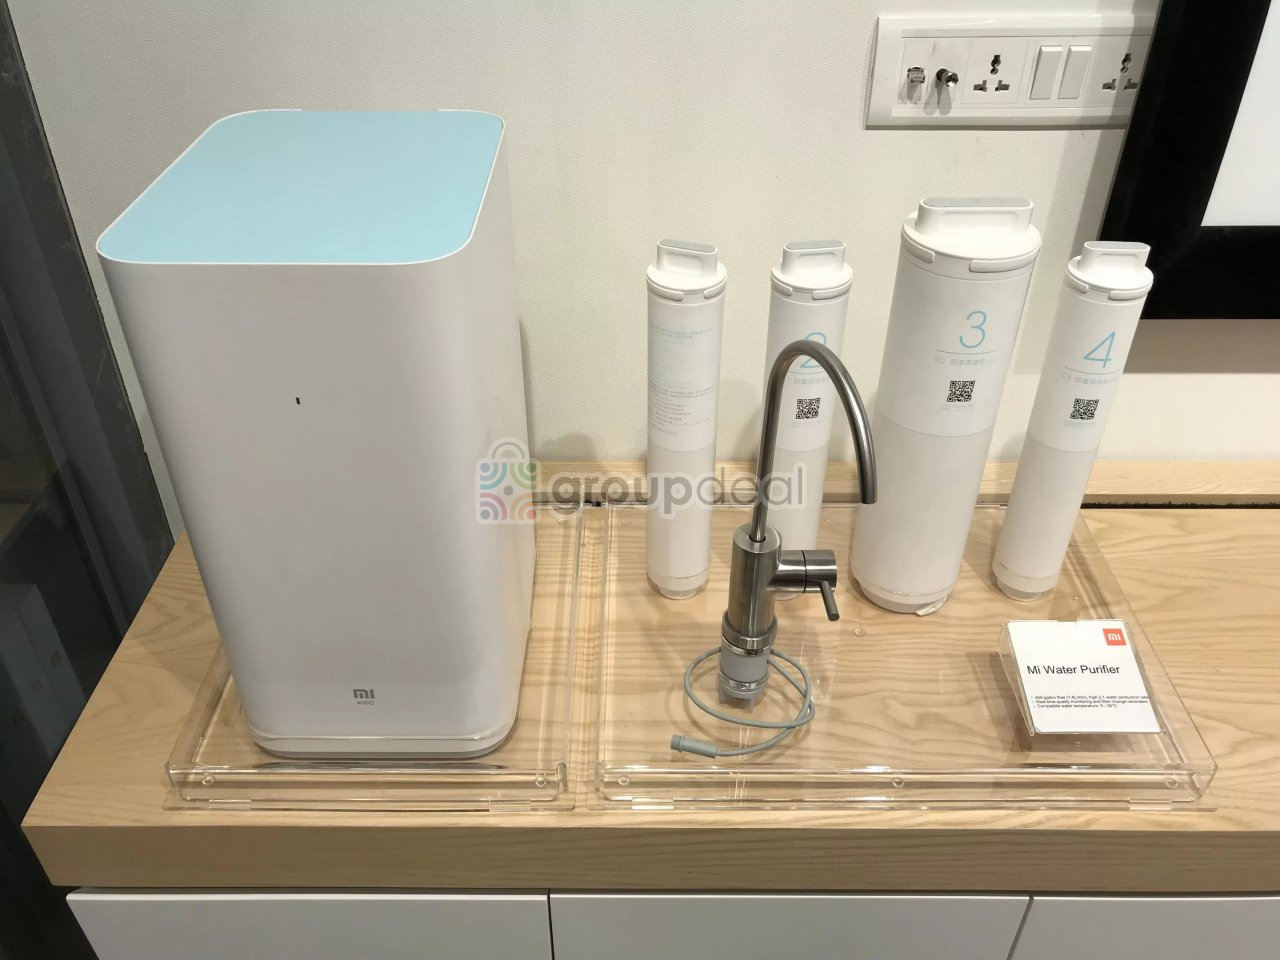 В день презентации новых смарт-телевизоров компания Xiaomi решила порадовать поклонников своей продукции еще и очистителем воды который получил название MiSmart